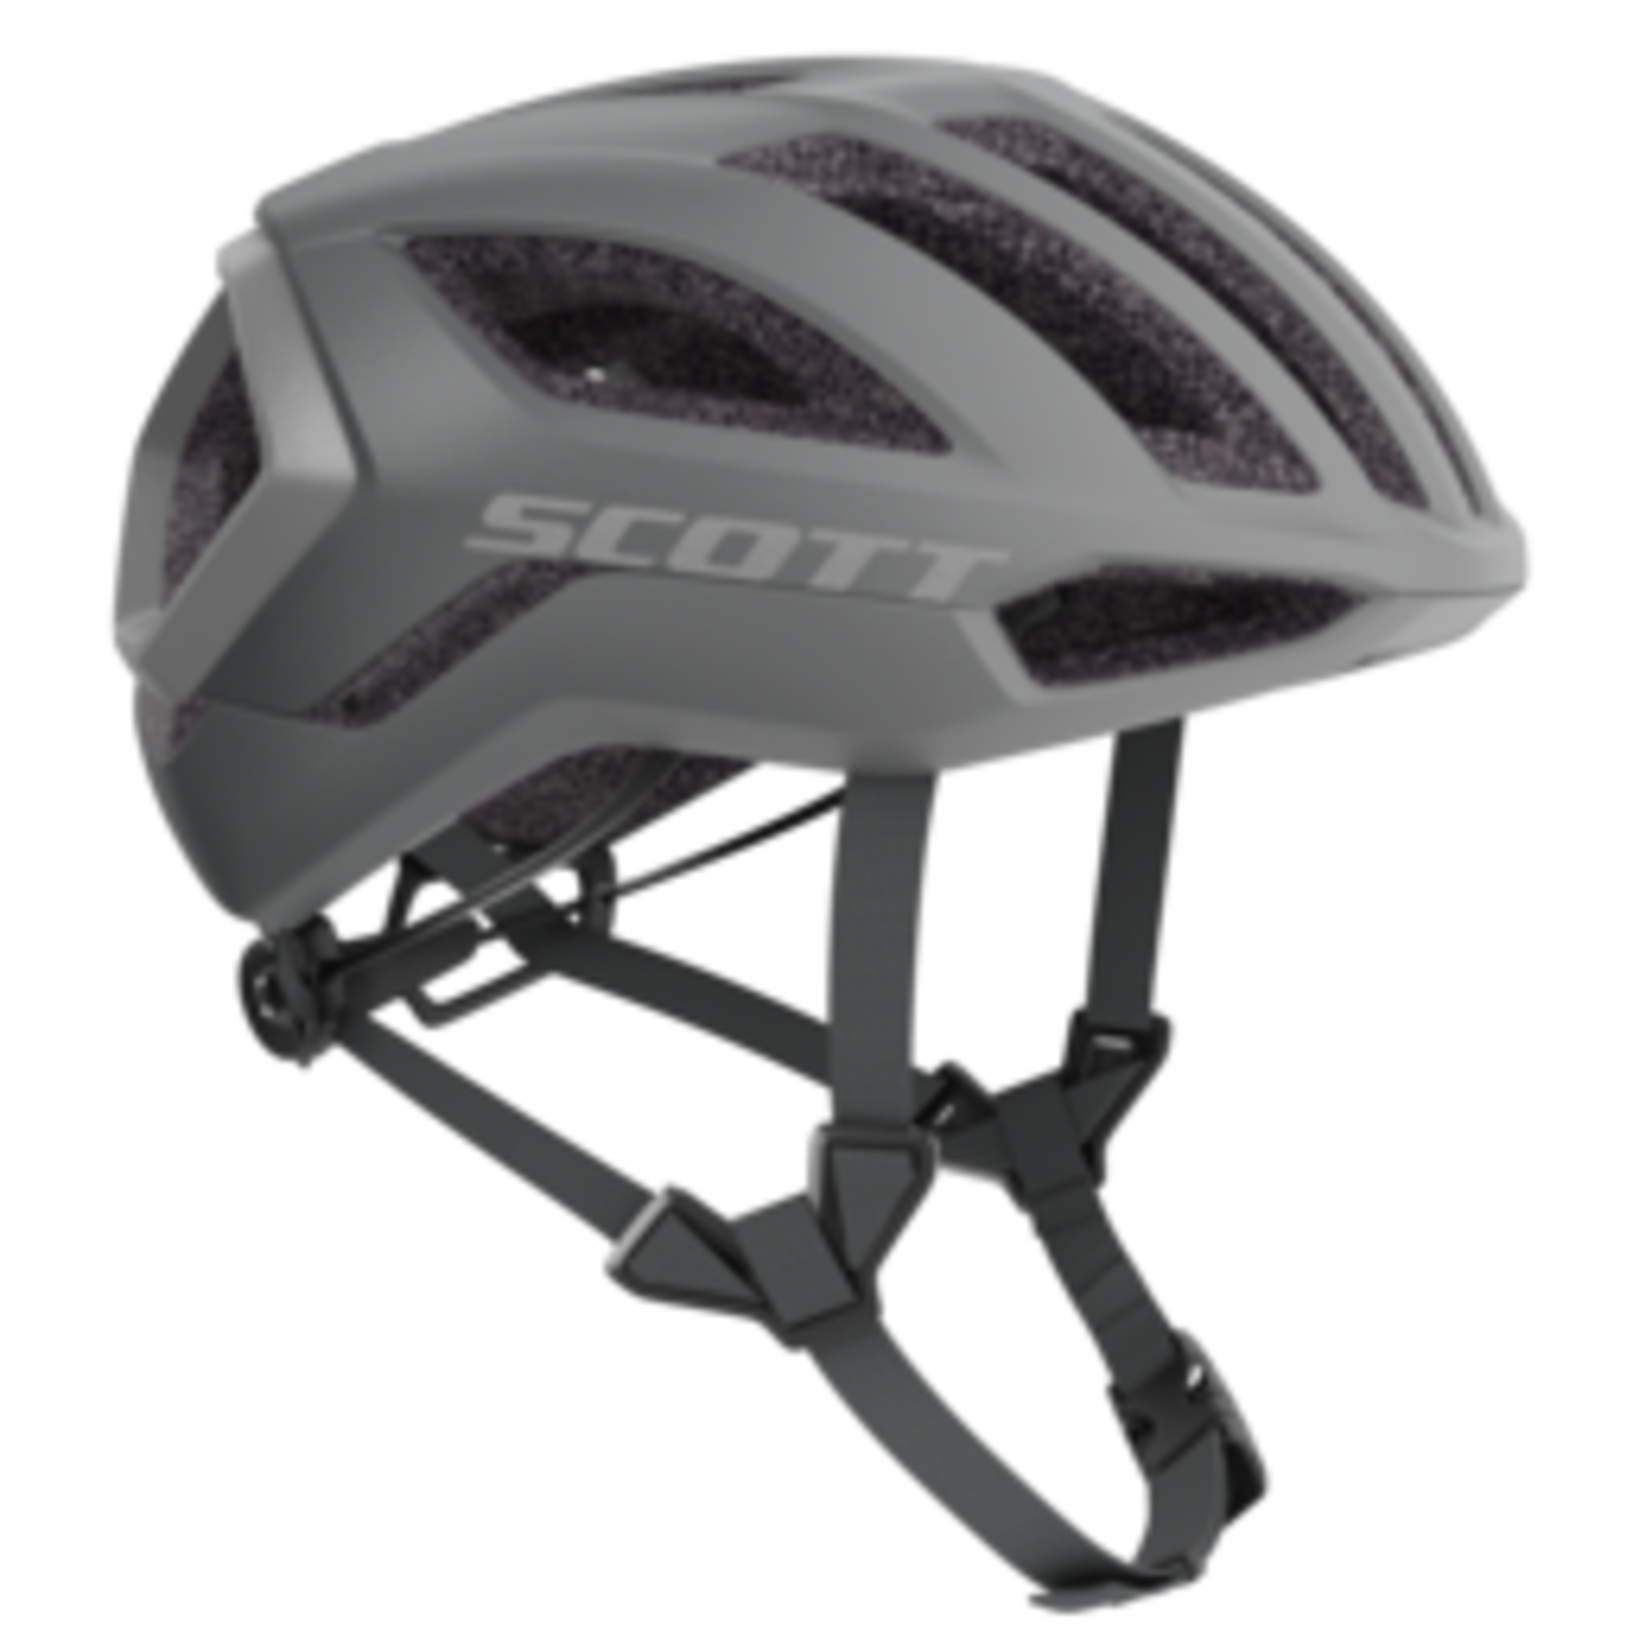 Scott SCO Helmet Centric PLUS (CPSC) Large